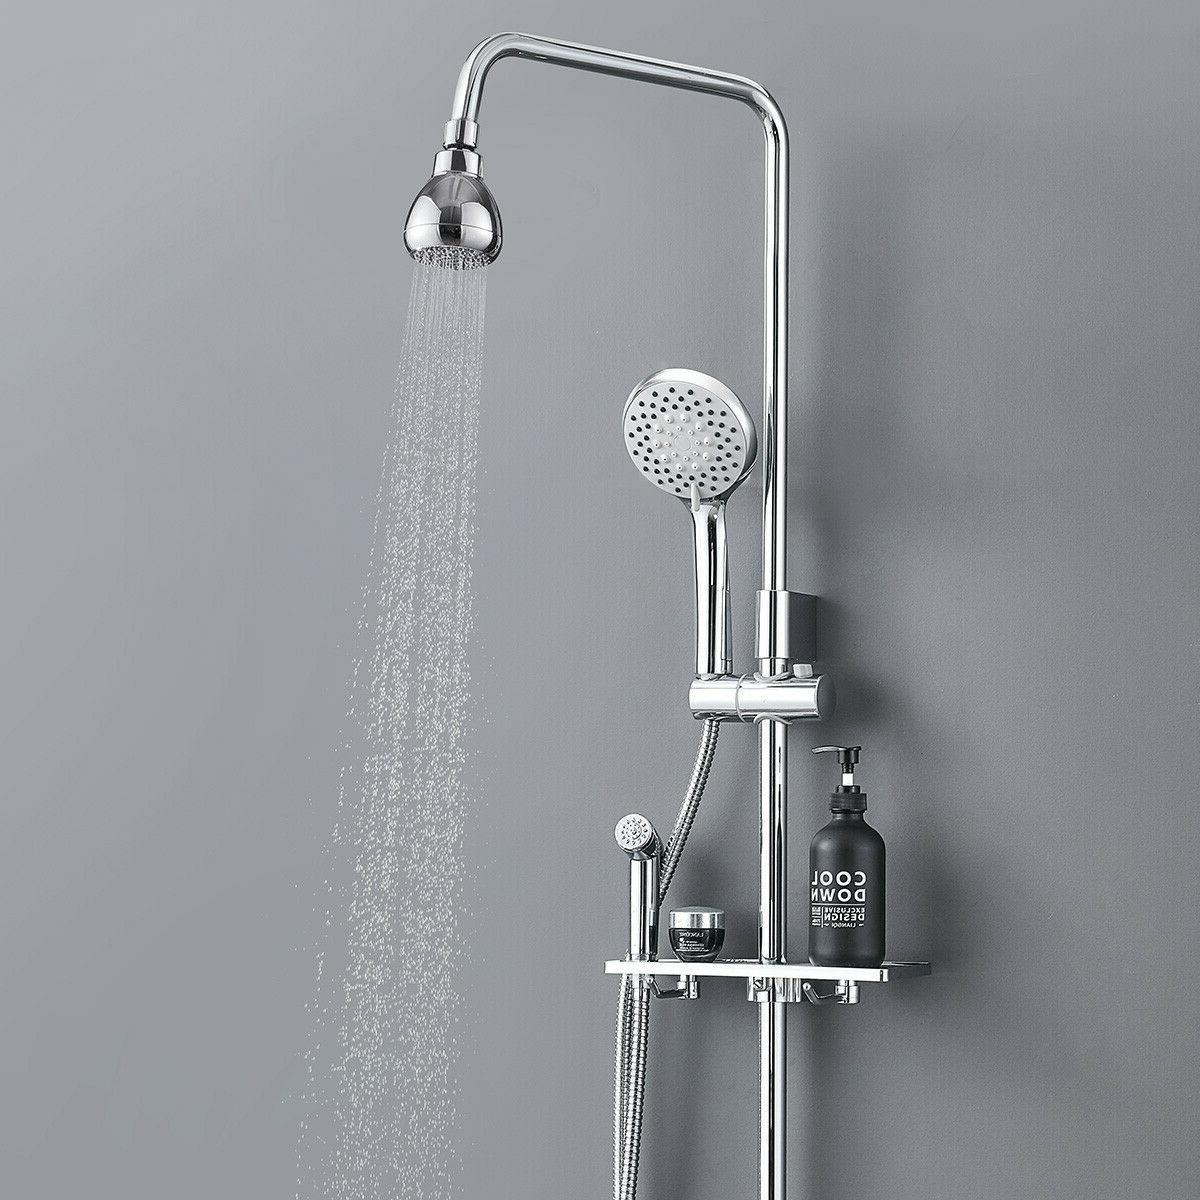 High Pressure Head 3 Inch Anti-leak Fixed Chrome Rainfall